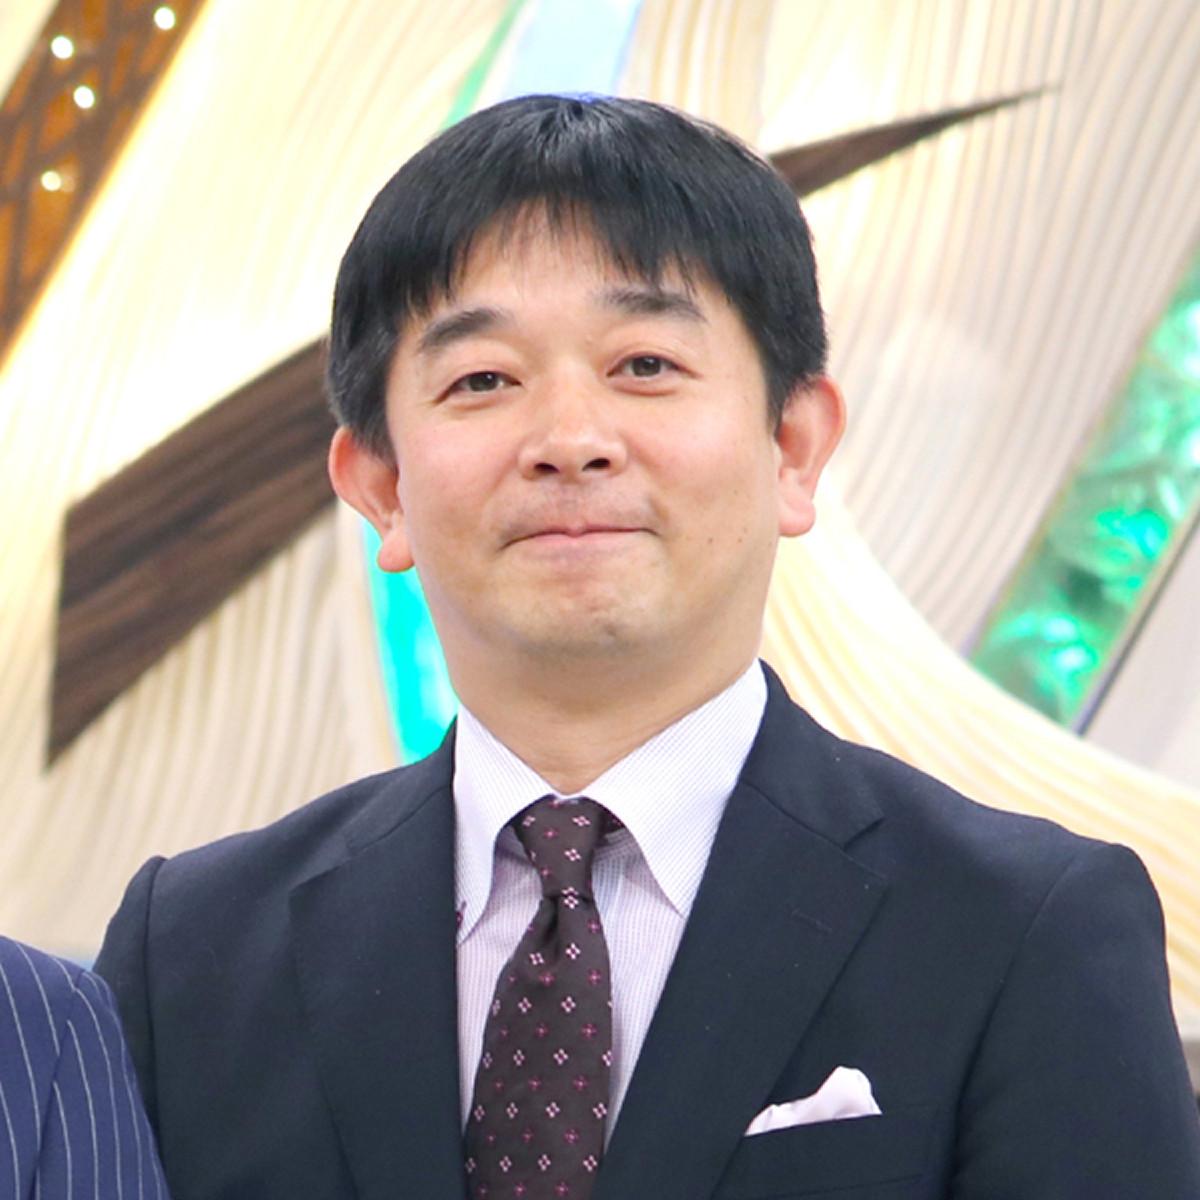 二宮 伊藤 アナウンサー